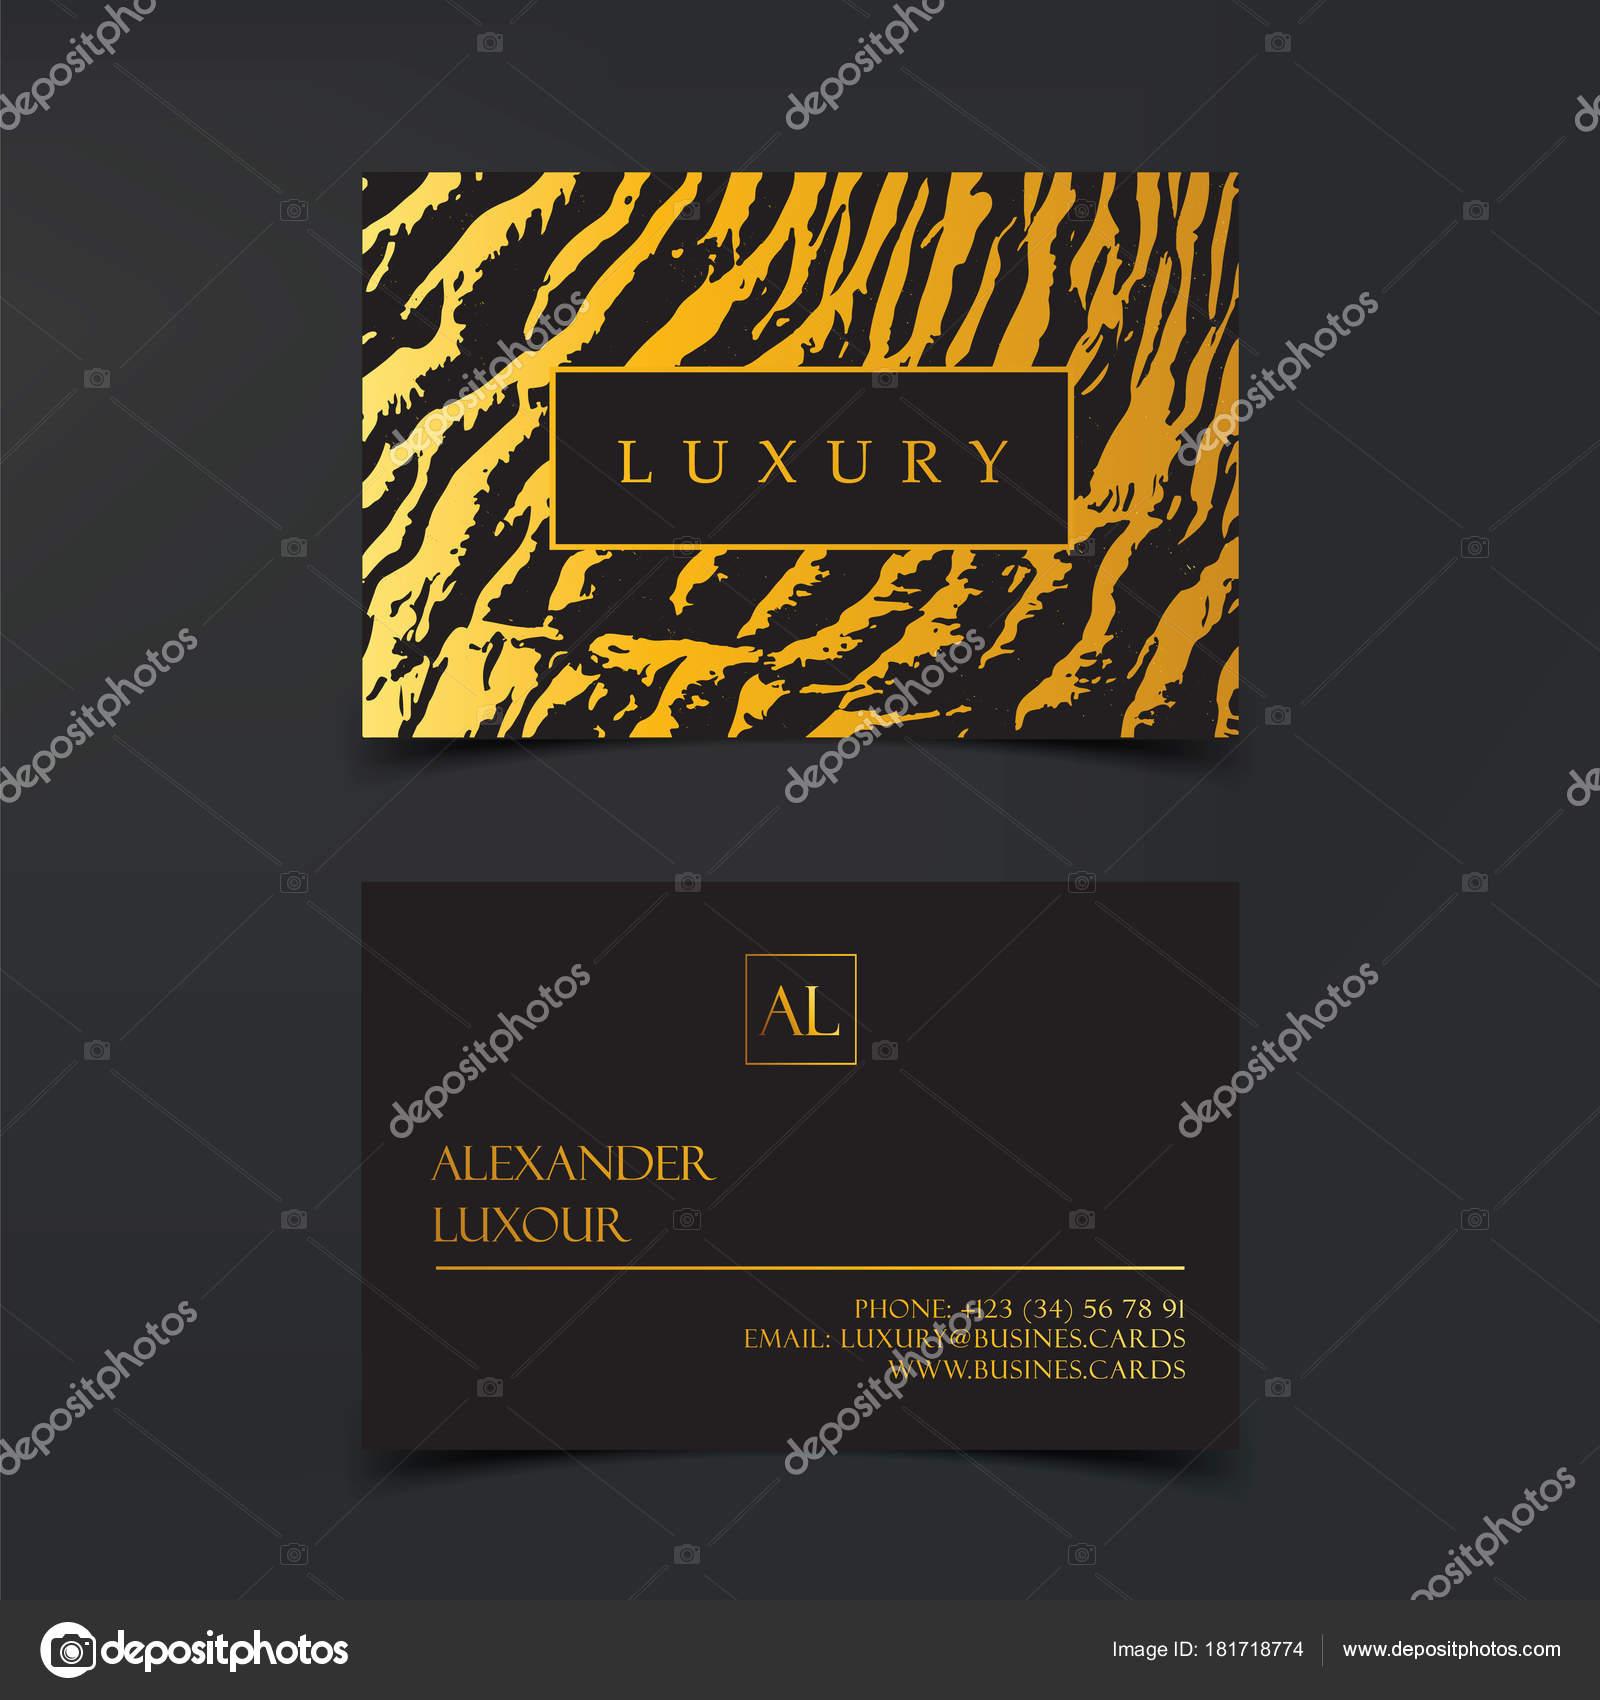 Cartes De Visite Luxe Vecteur Modle Bannire Et Couverture Avec Texture Zbre En Marbre